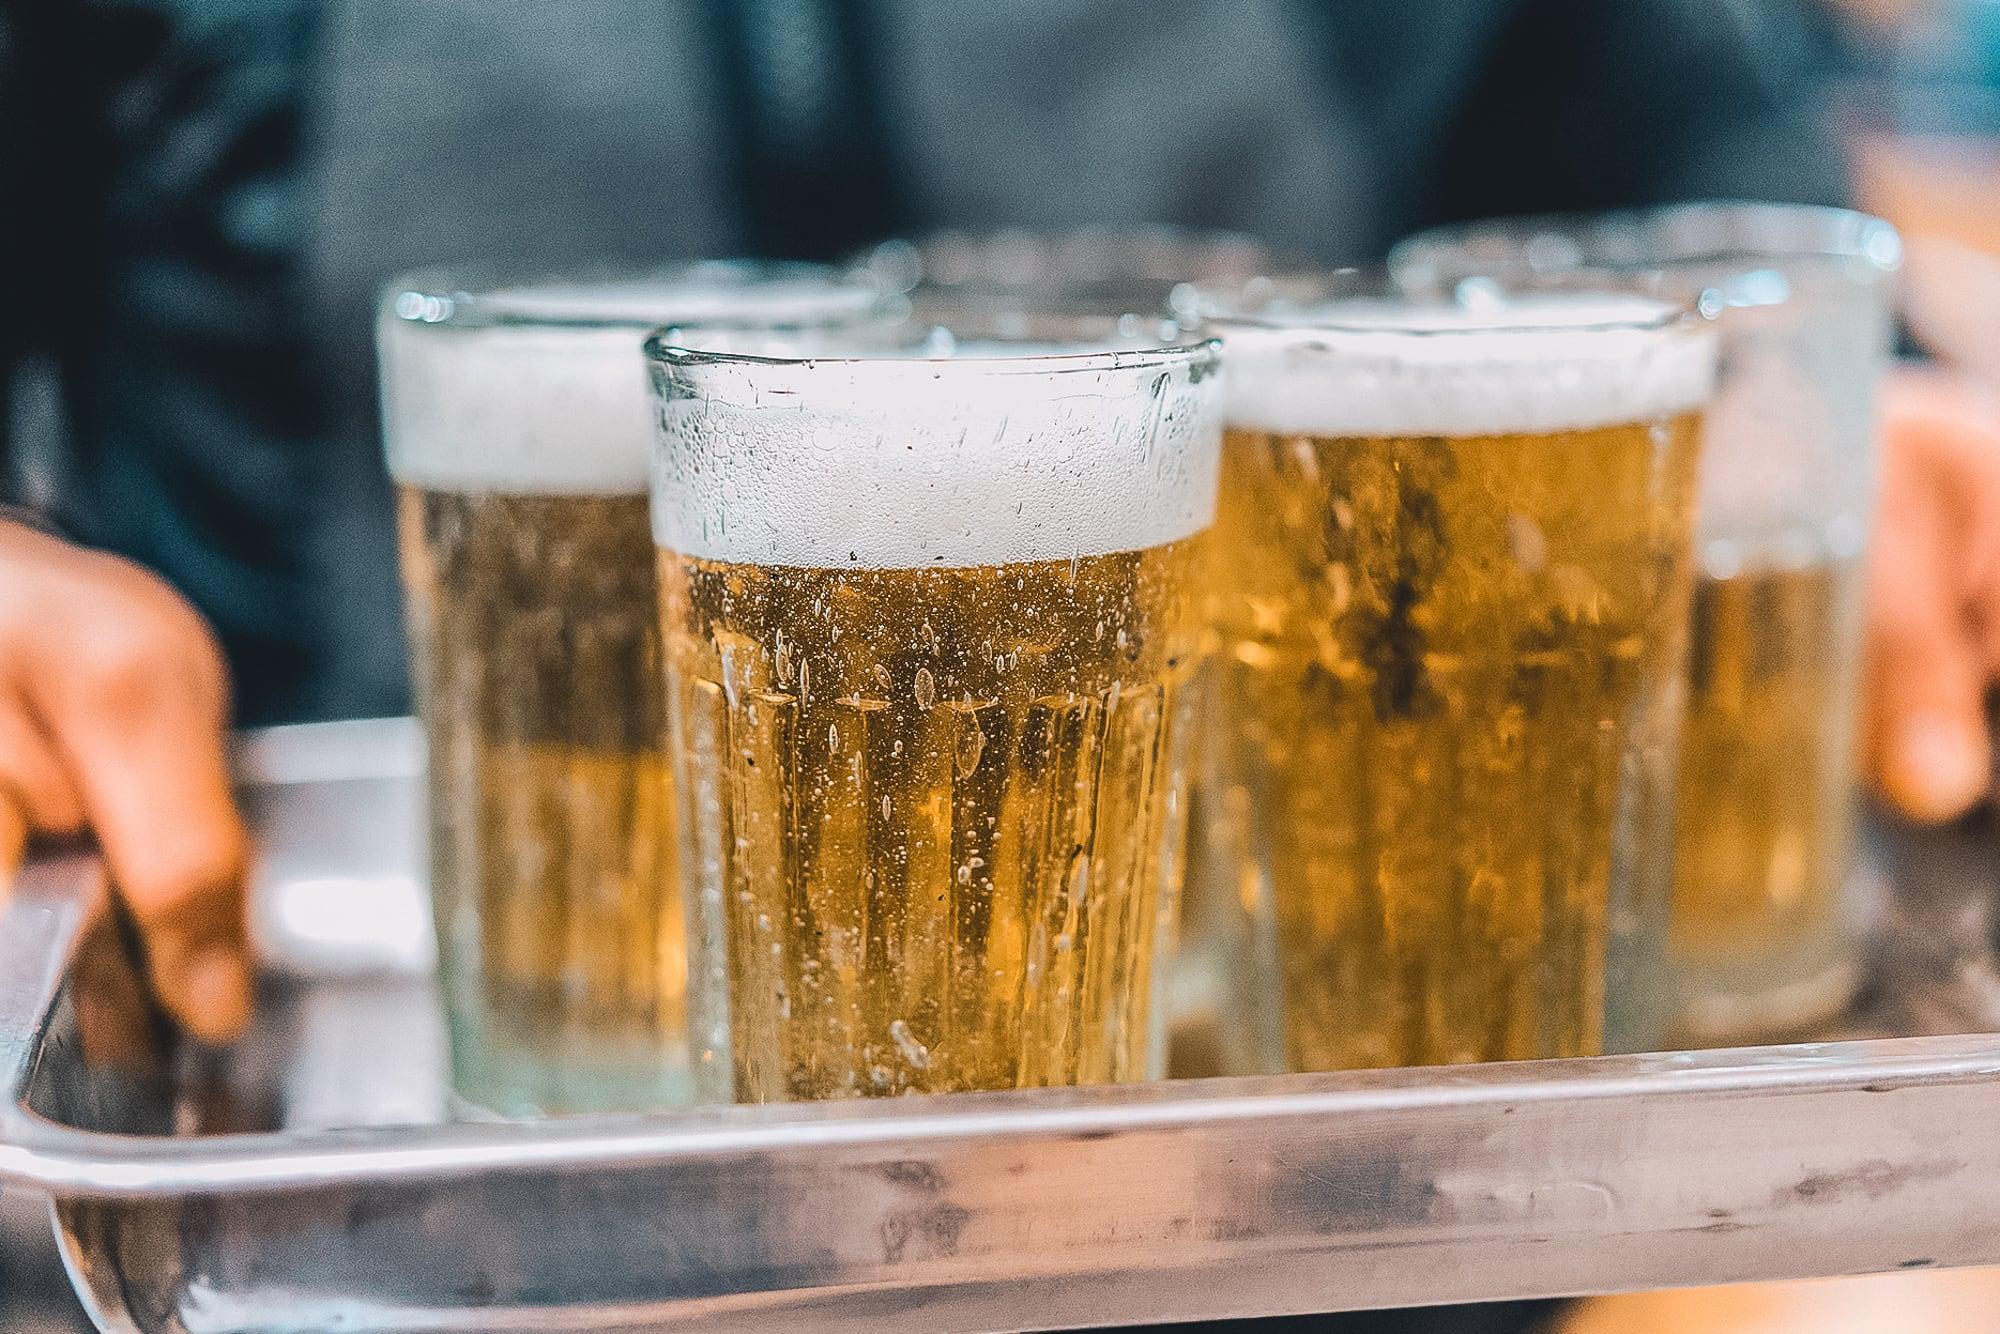 Tiêu thụ rượu bia tại Việt Nam: Những thực trạng và biện pháp khắc phục